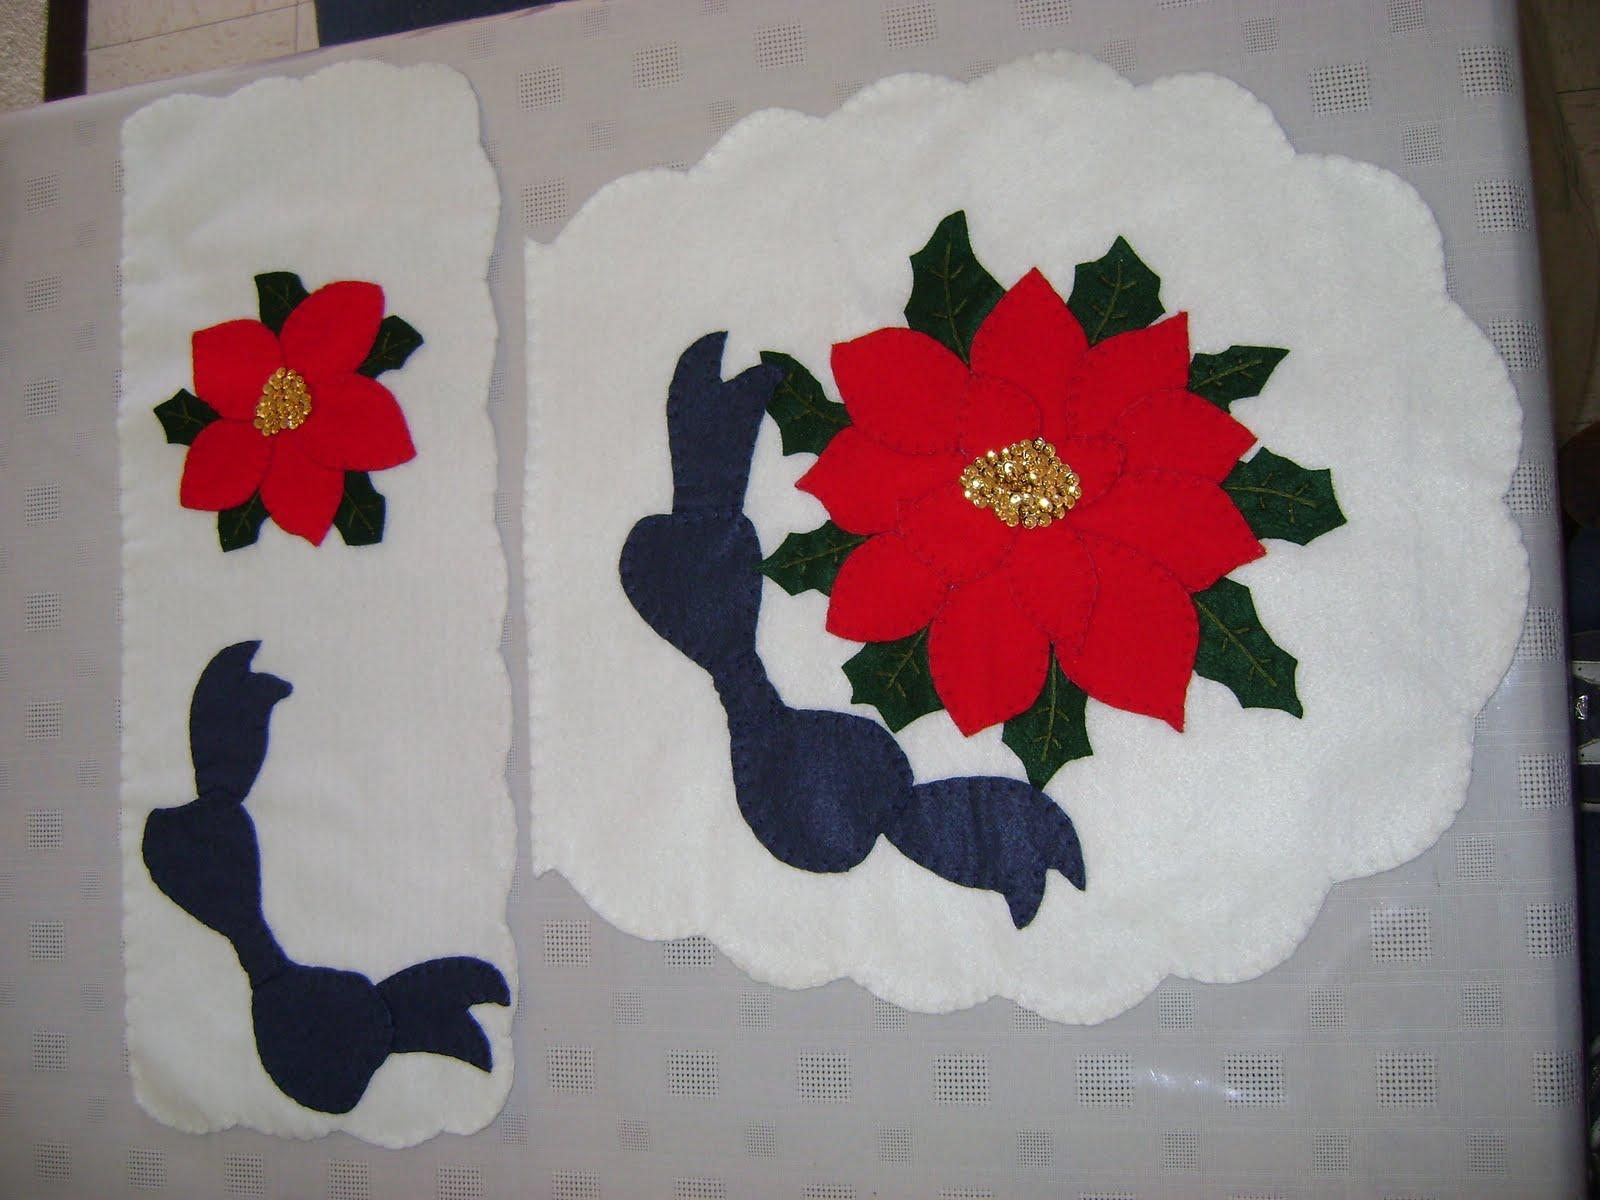 Juegos Baño Navidad Fieltro:Manualidades navideñas en fieltro: JUEGOS DE BAÑO